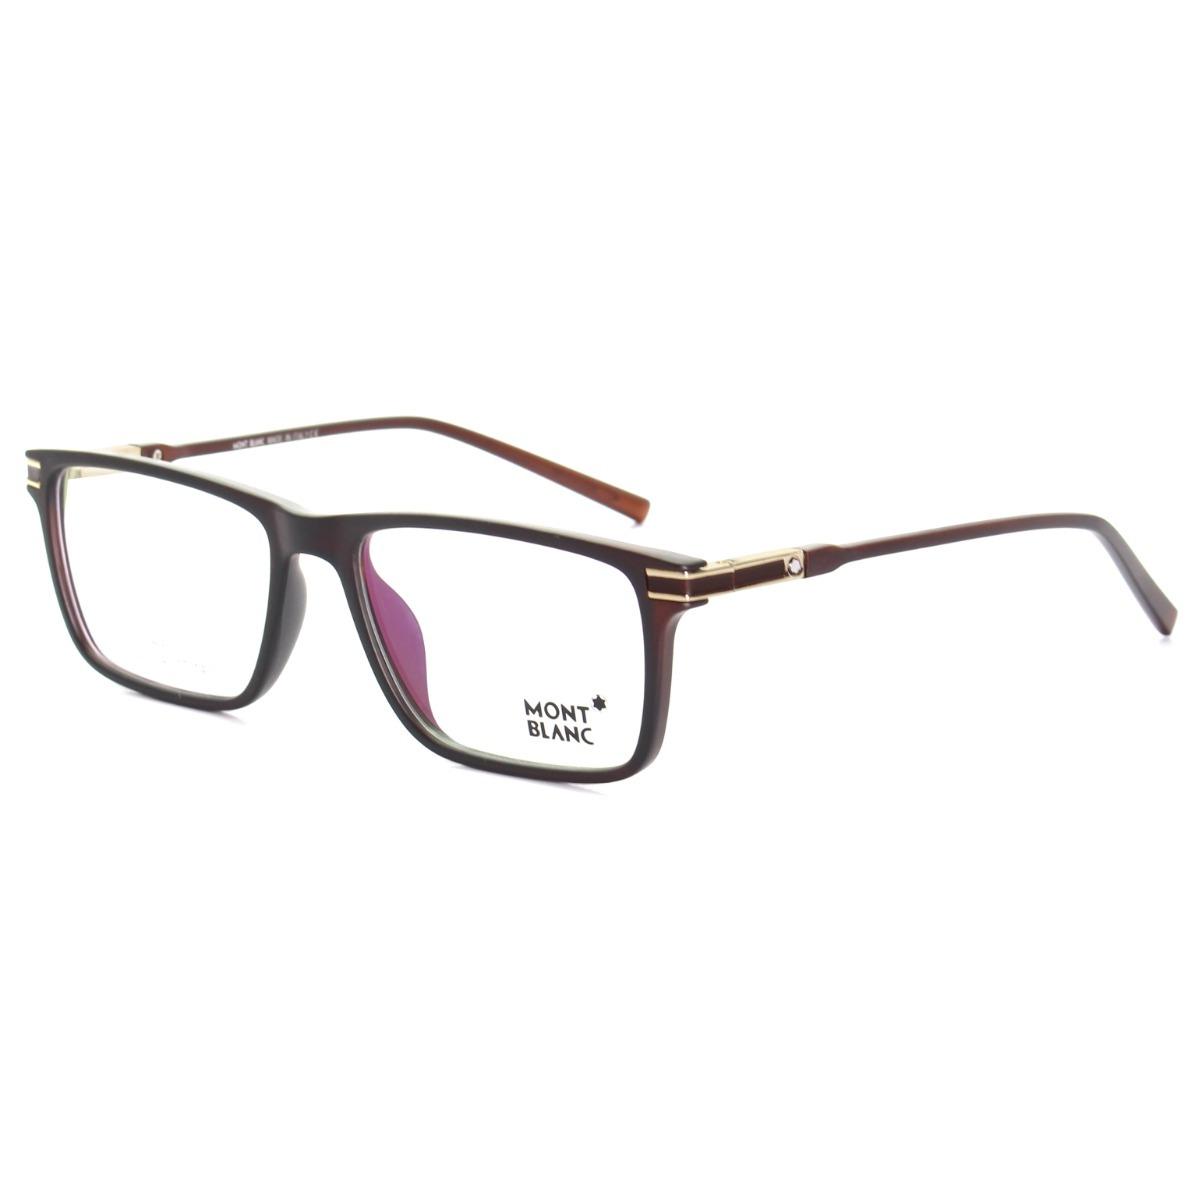 96b1c9d180465 armação óculos de grau masculino mont blanc mb568 acetato. Carregando zoom.